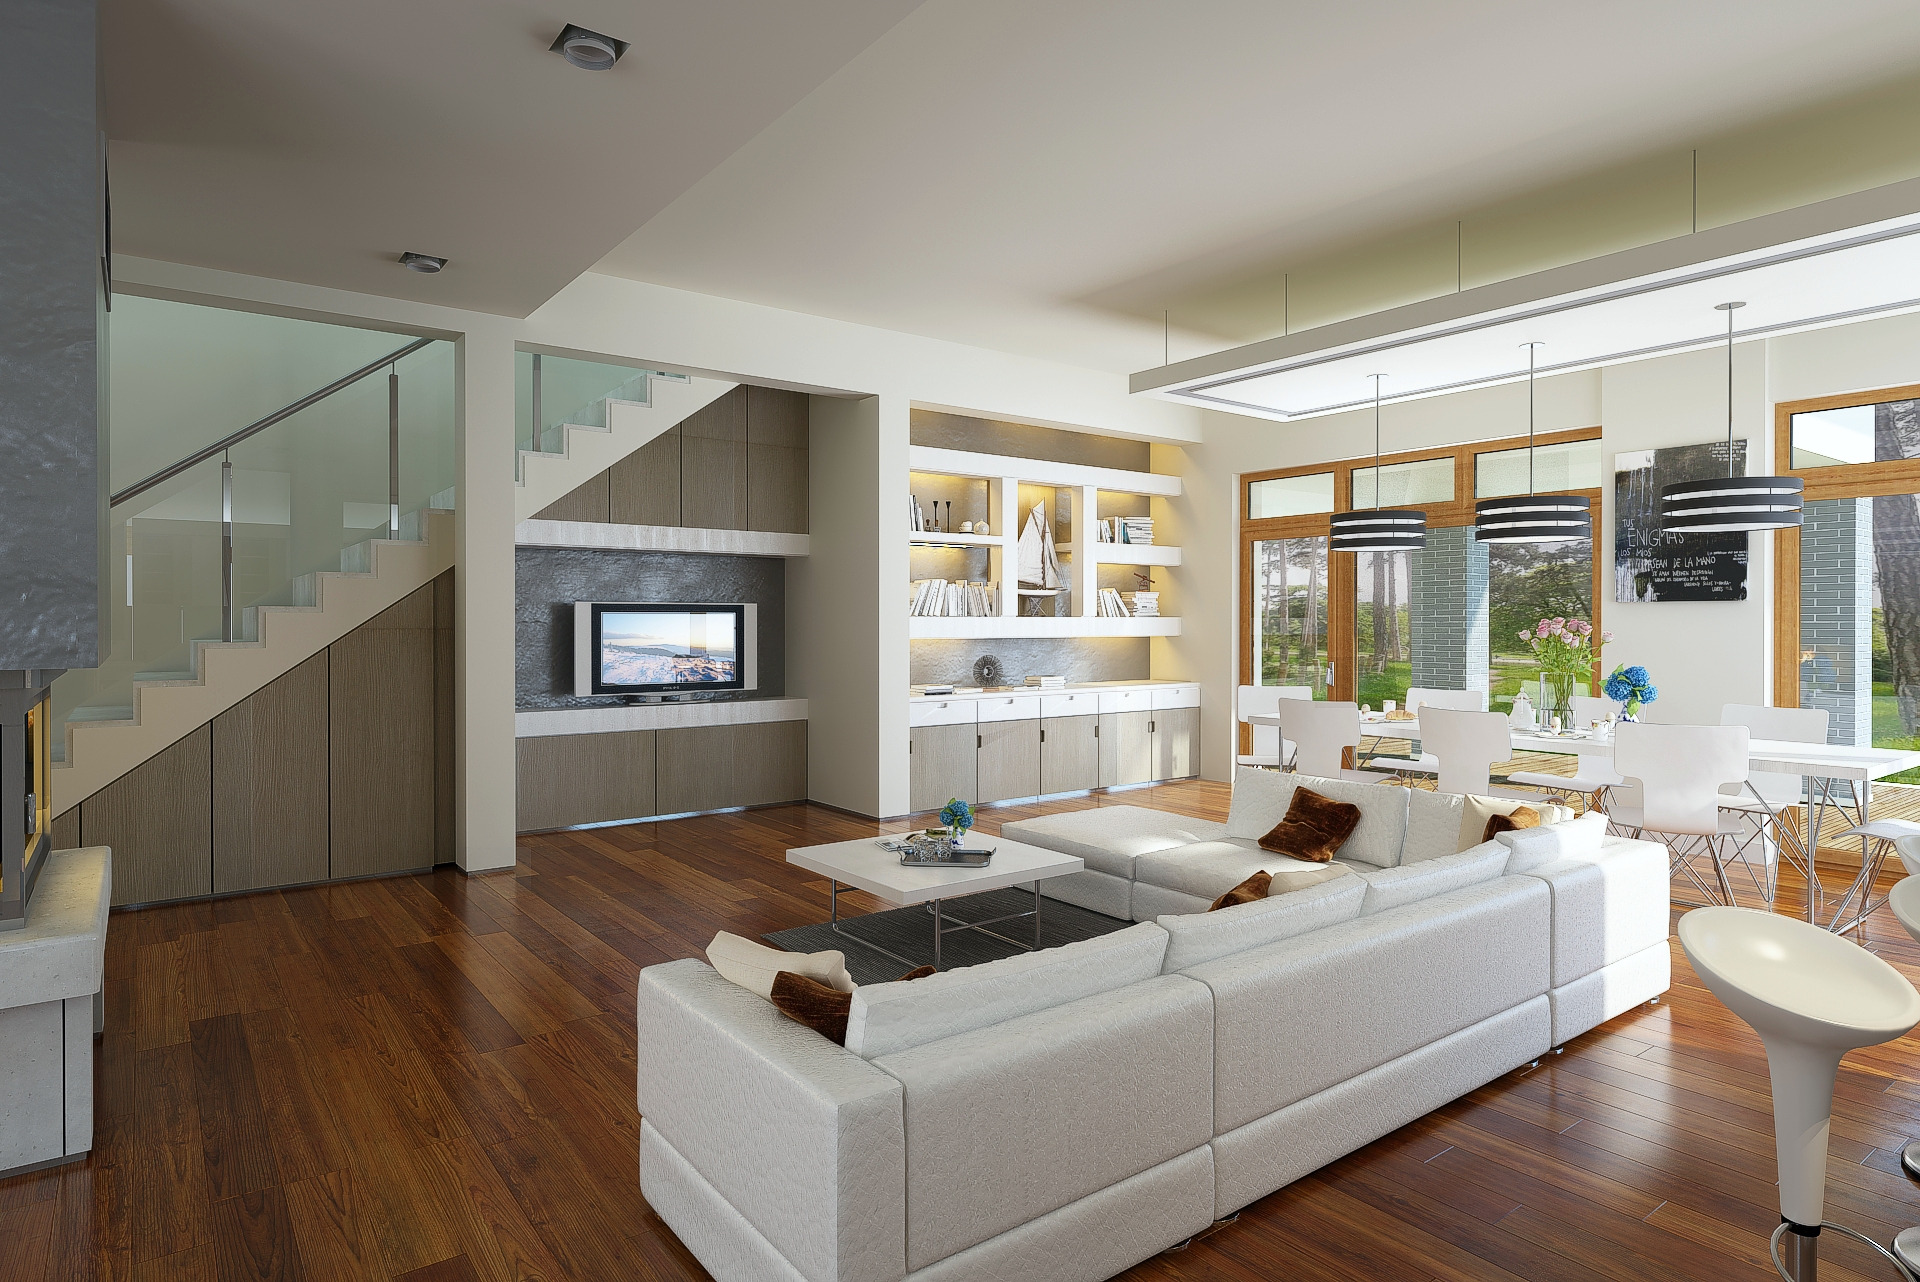 domy-w-zieleni-projekt-domu-Tenea.jpg